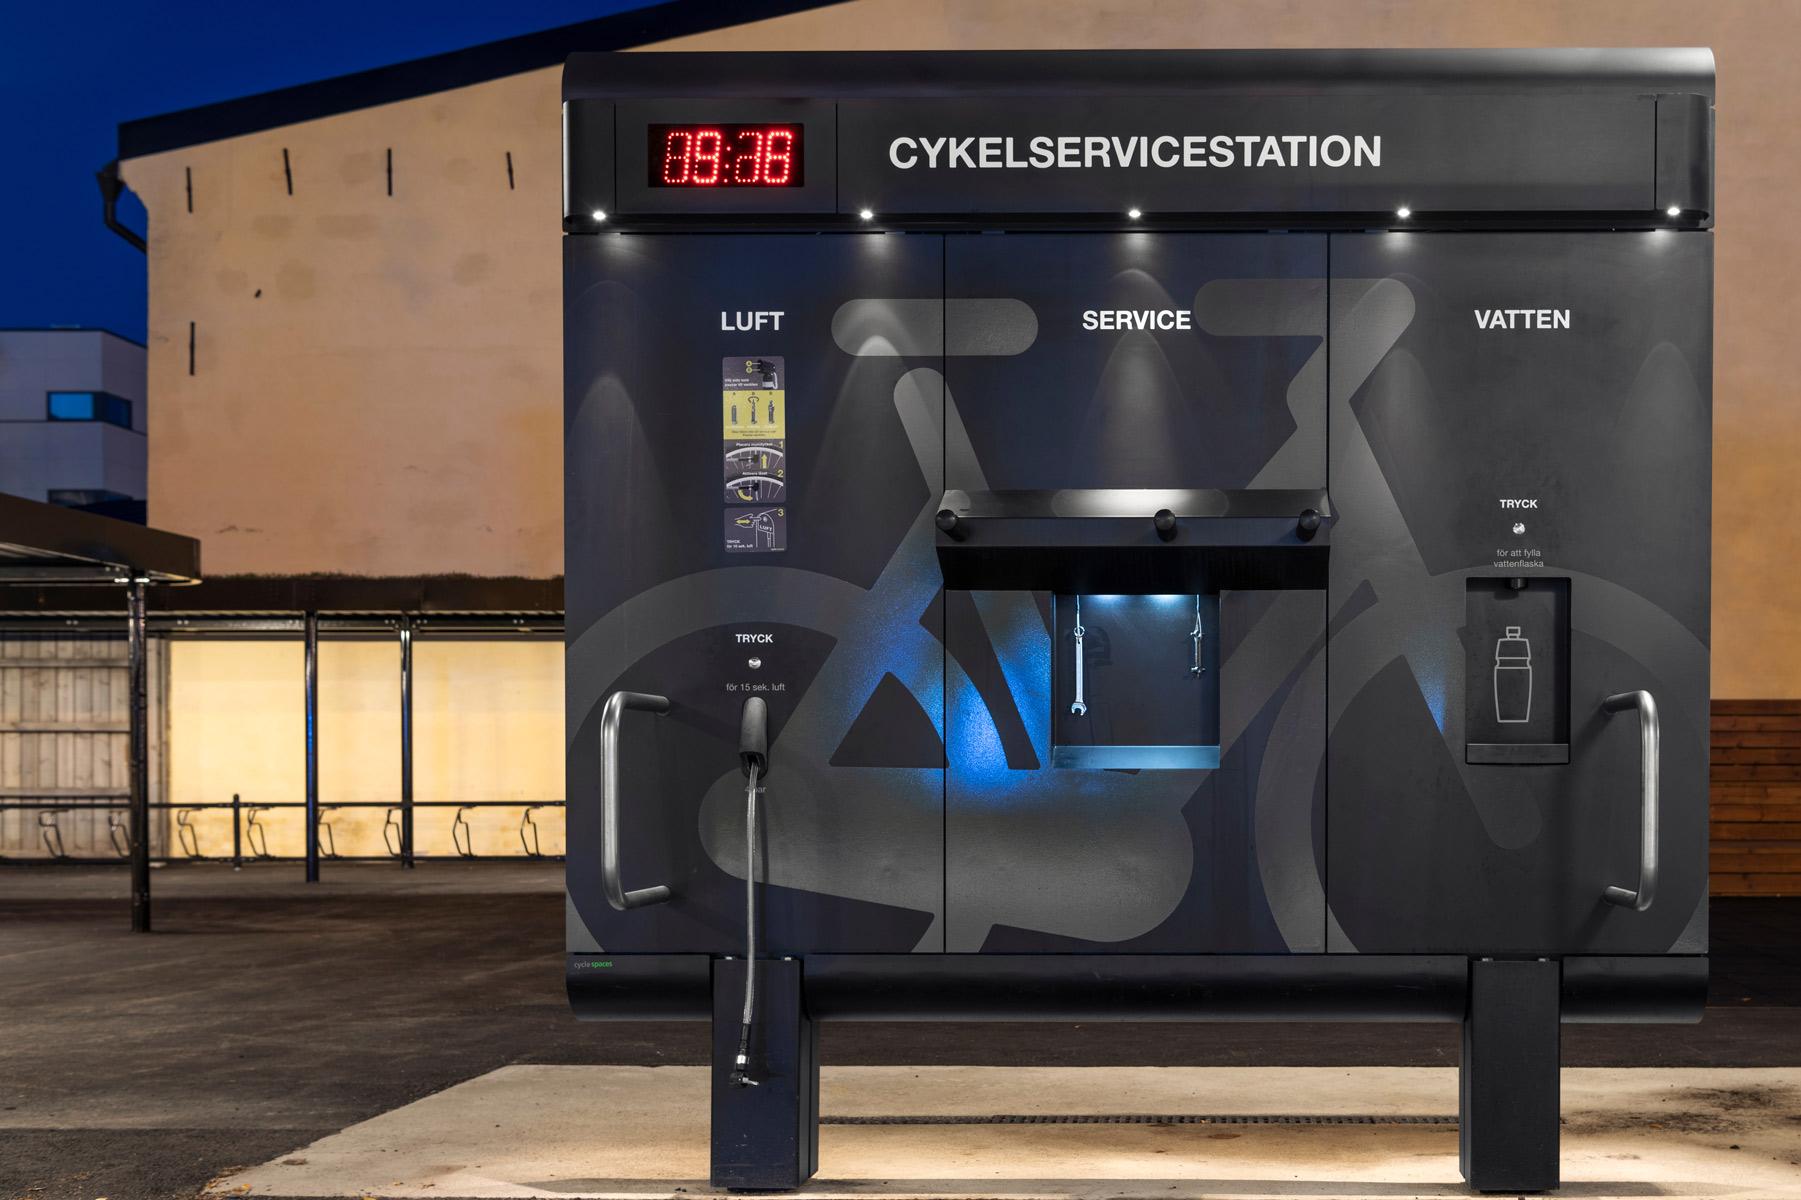 Cykelservicestation GRAND från Cyklos i skymningsljus, med LED-belysning, cykelpump, multiverktyg, påfyllning av vattenflaska och på baksidan en tvätt.